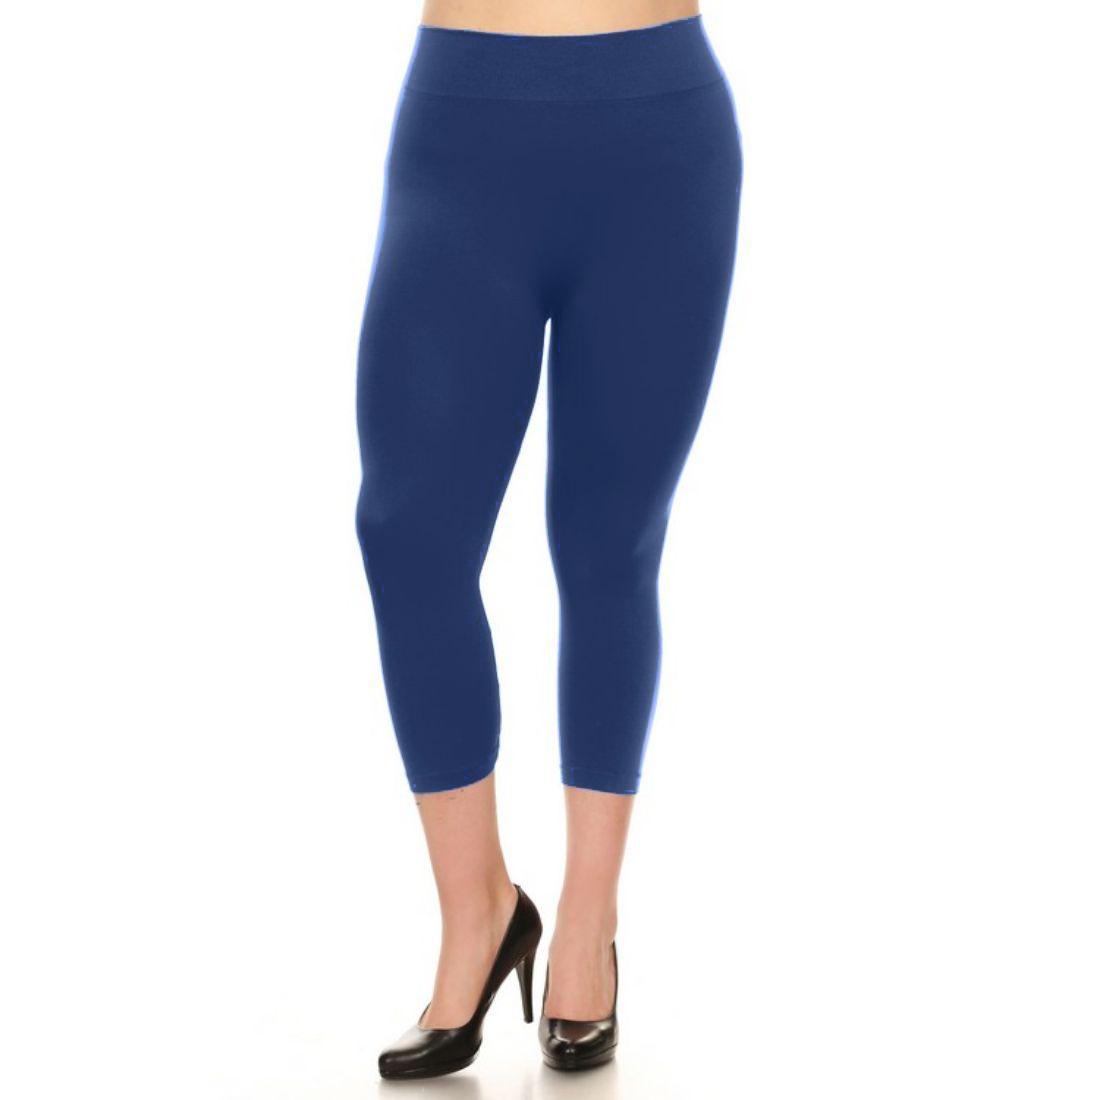 miniature 31 - Femmes Grande Taille Capri Leggings Court Stretch Pantalon Basique Solide Pour